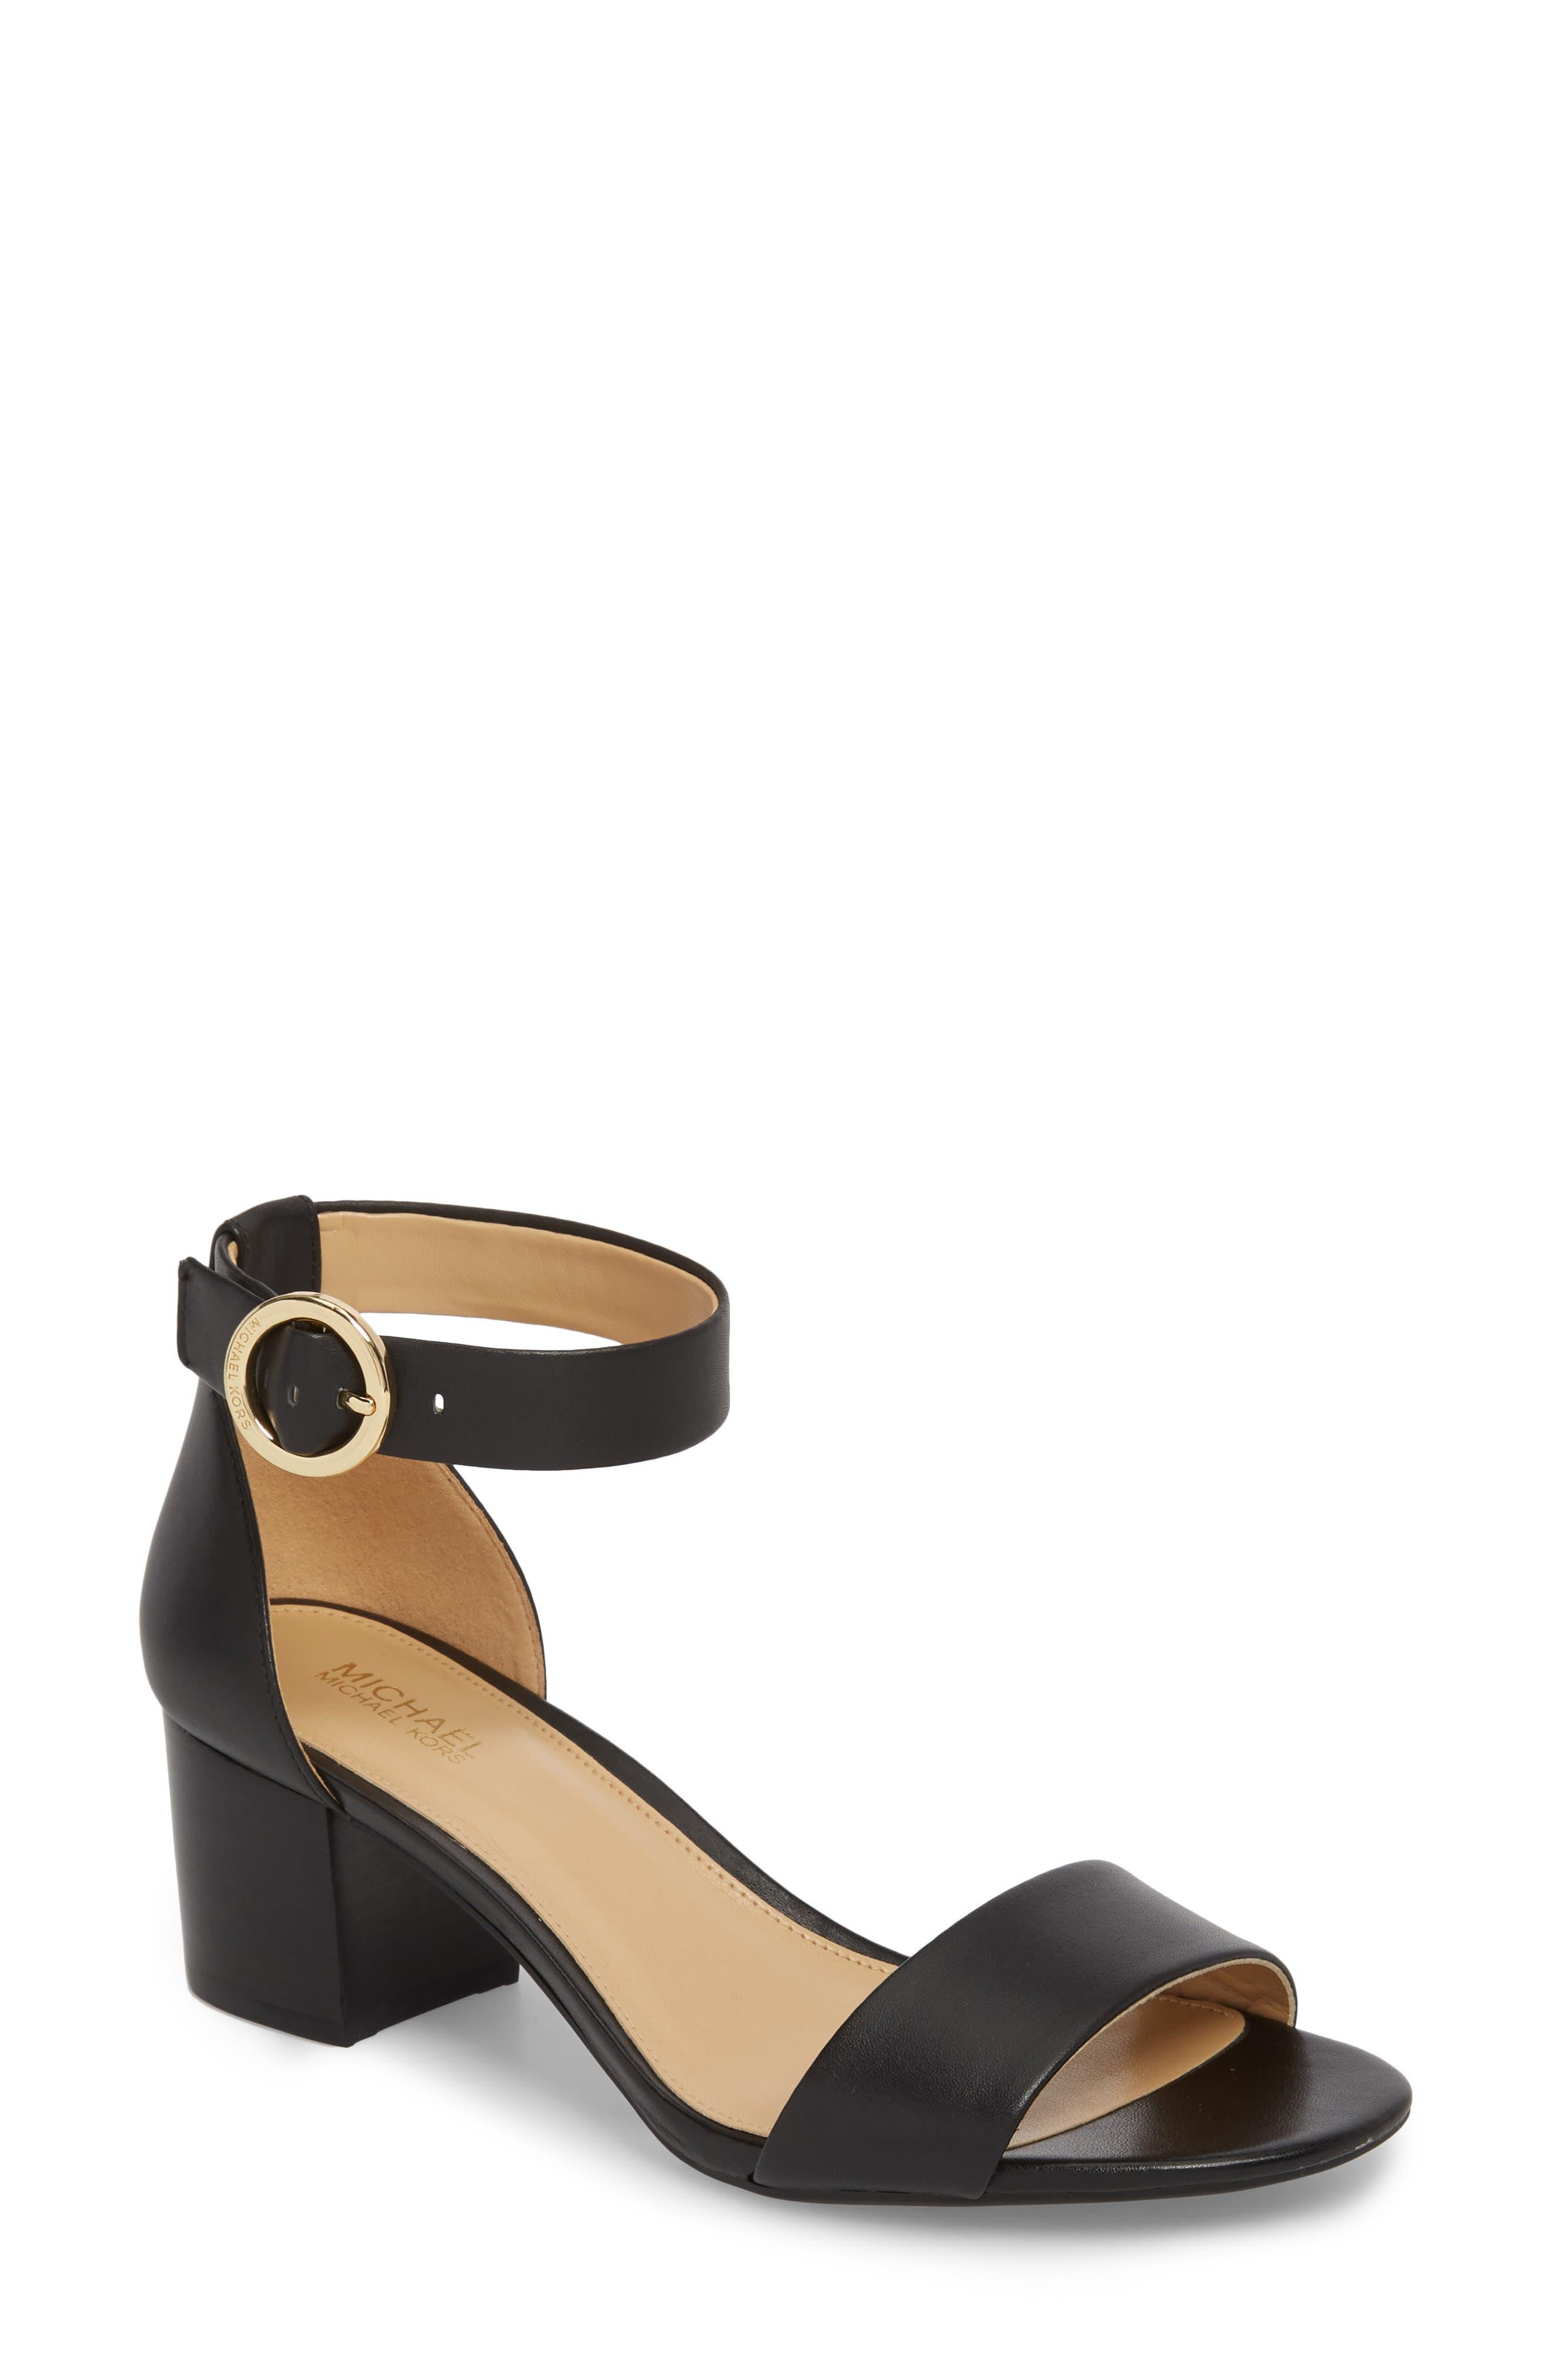 Lena Block Heel Sandal,                         Main,                         color, BLACK